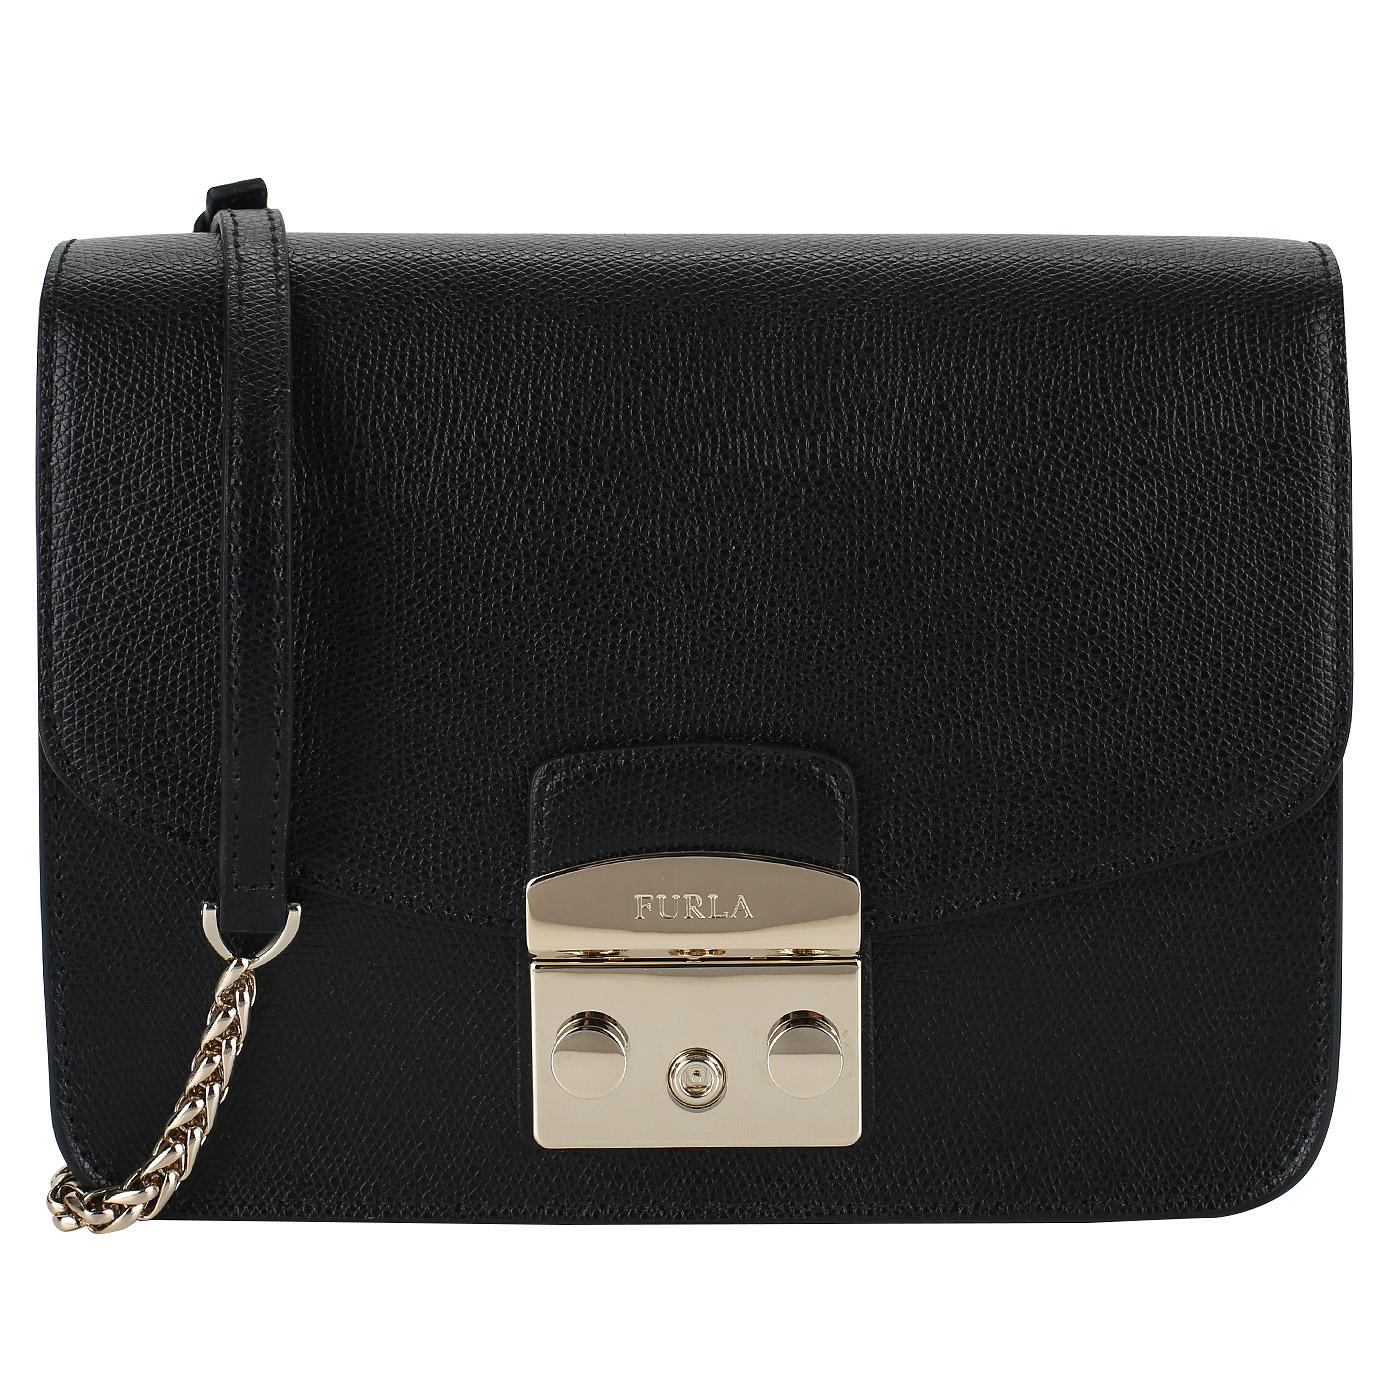 0bffecb39c17 Маленькая сумочка из черной кожи Furla Metropolis BNF8_onyx ...